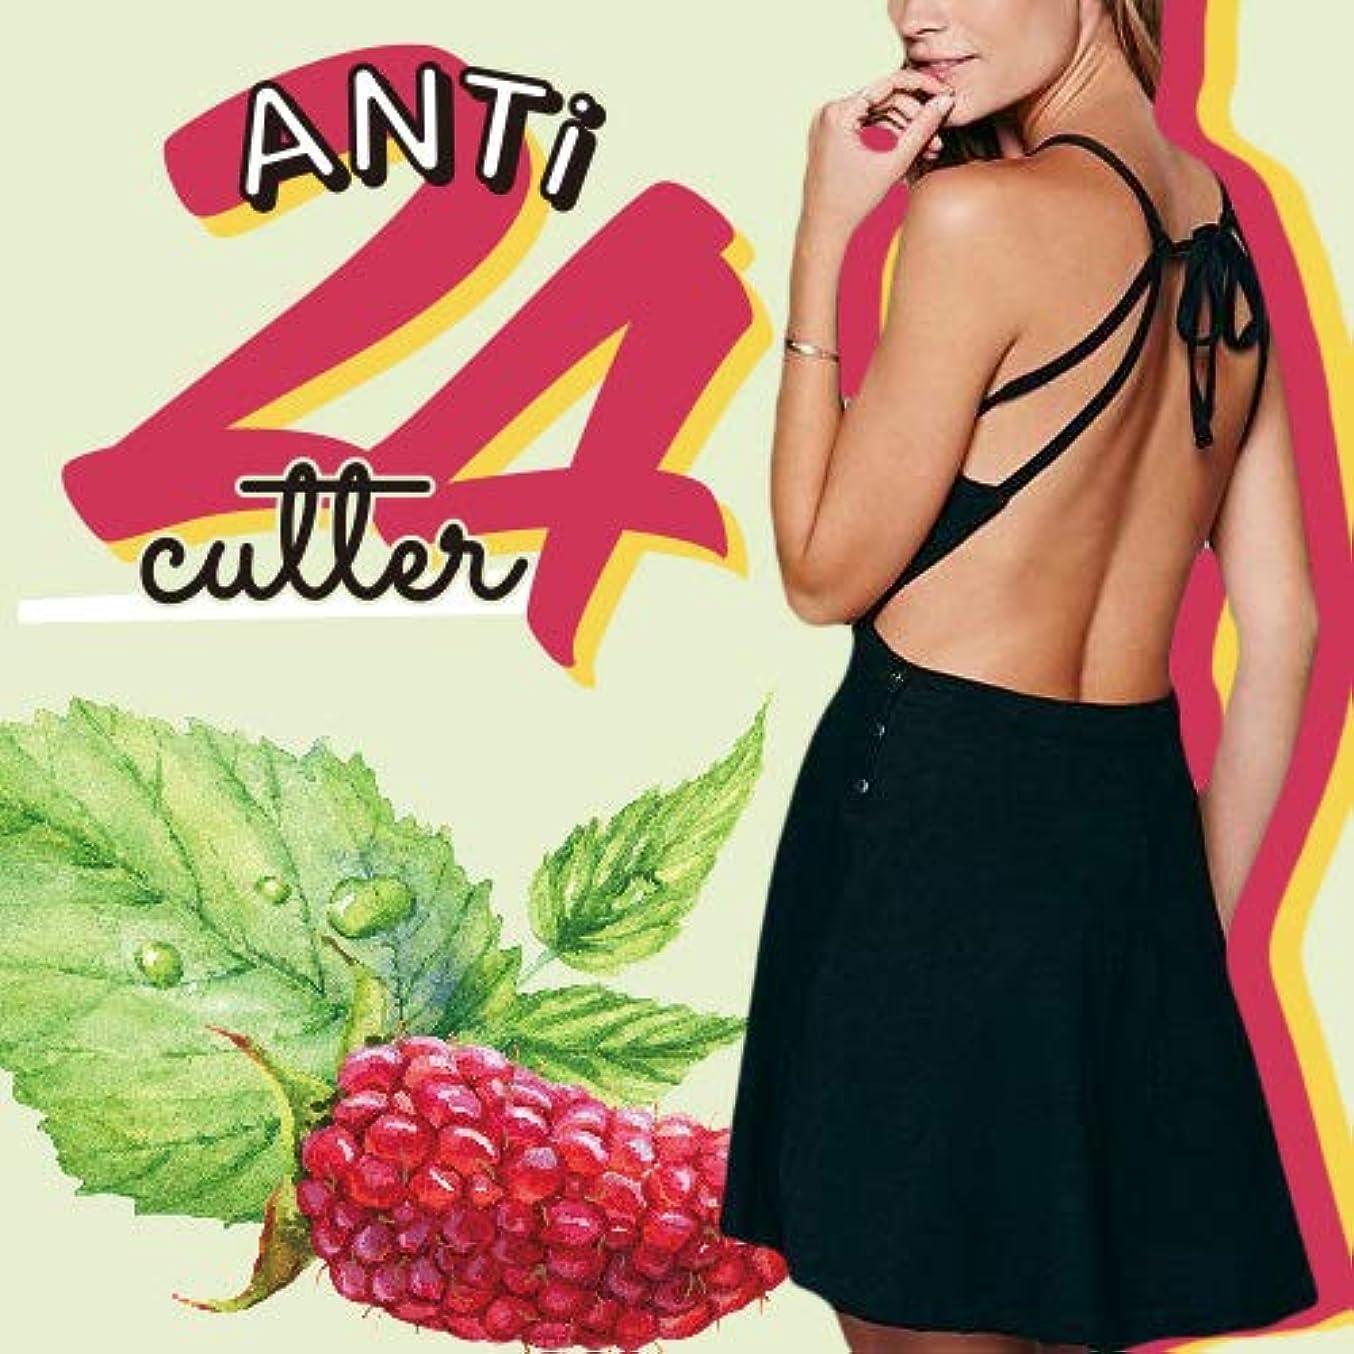 言い換えると干し草エステートAnti 24 Cutter(アンチトゥエンティフォーカッター) ダイエット ダイエットサプリ